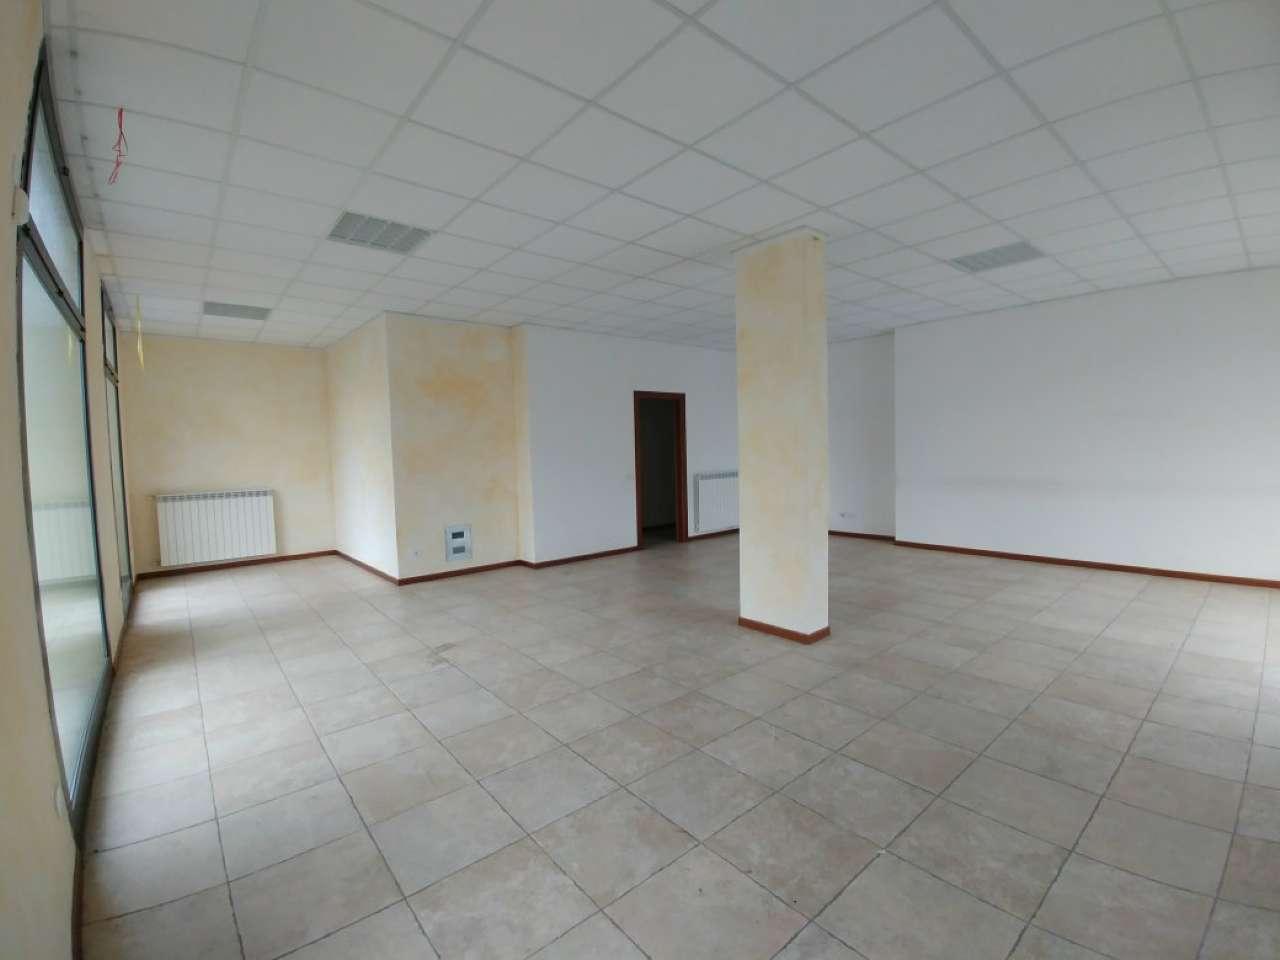 Negozio / Locale in vendita a Pioltello, 1 locali, prezzo € 150.000 | PortaleAgenzieImmobiliari.it